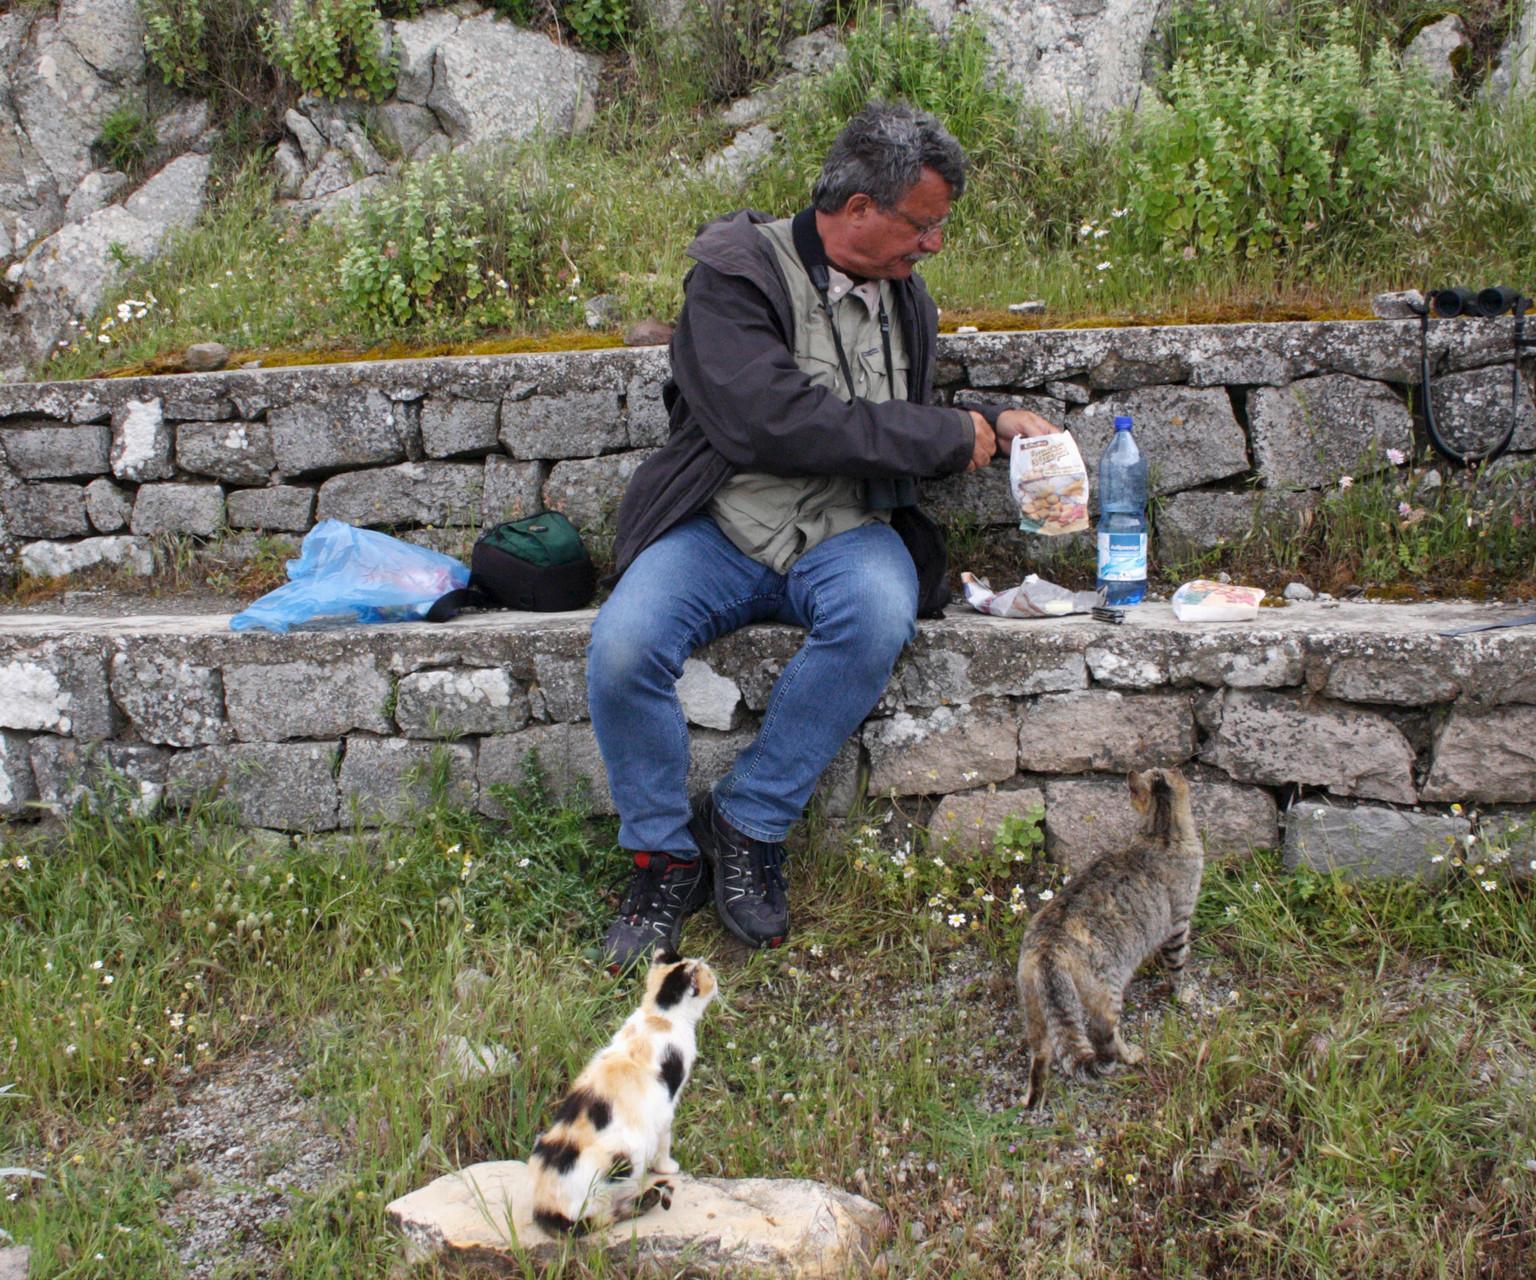 Beim Picknick auf Ipsilou wurden wir von zwei hungrigen Katzen belagert